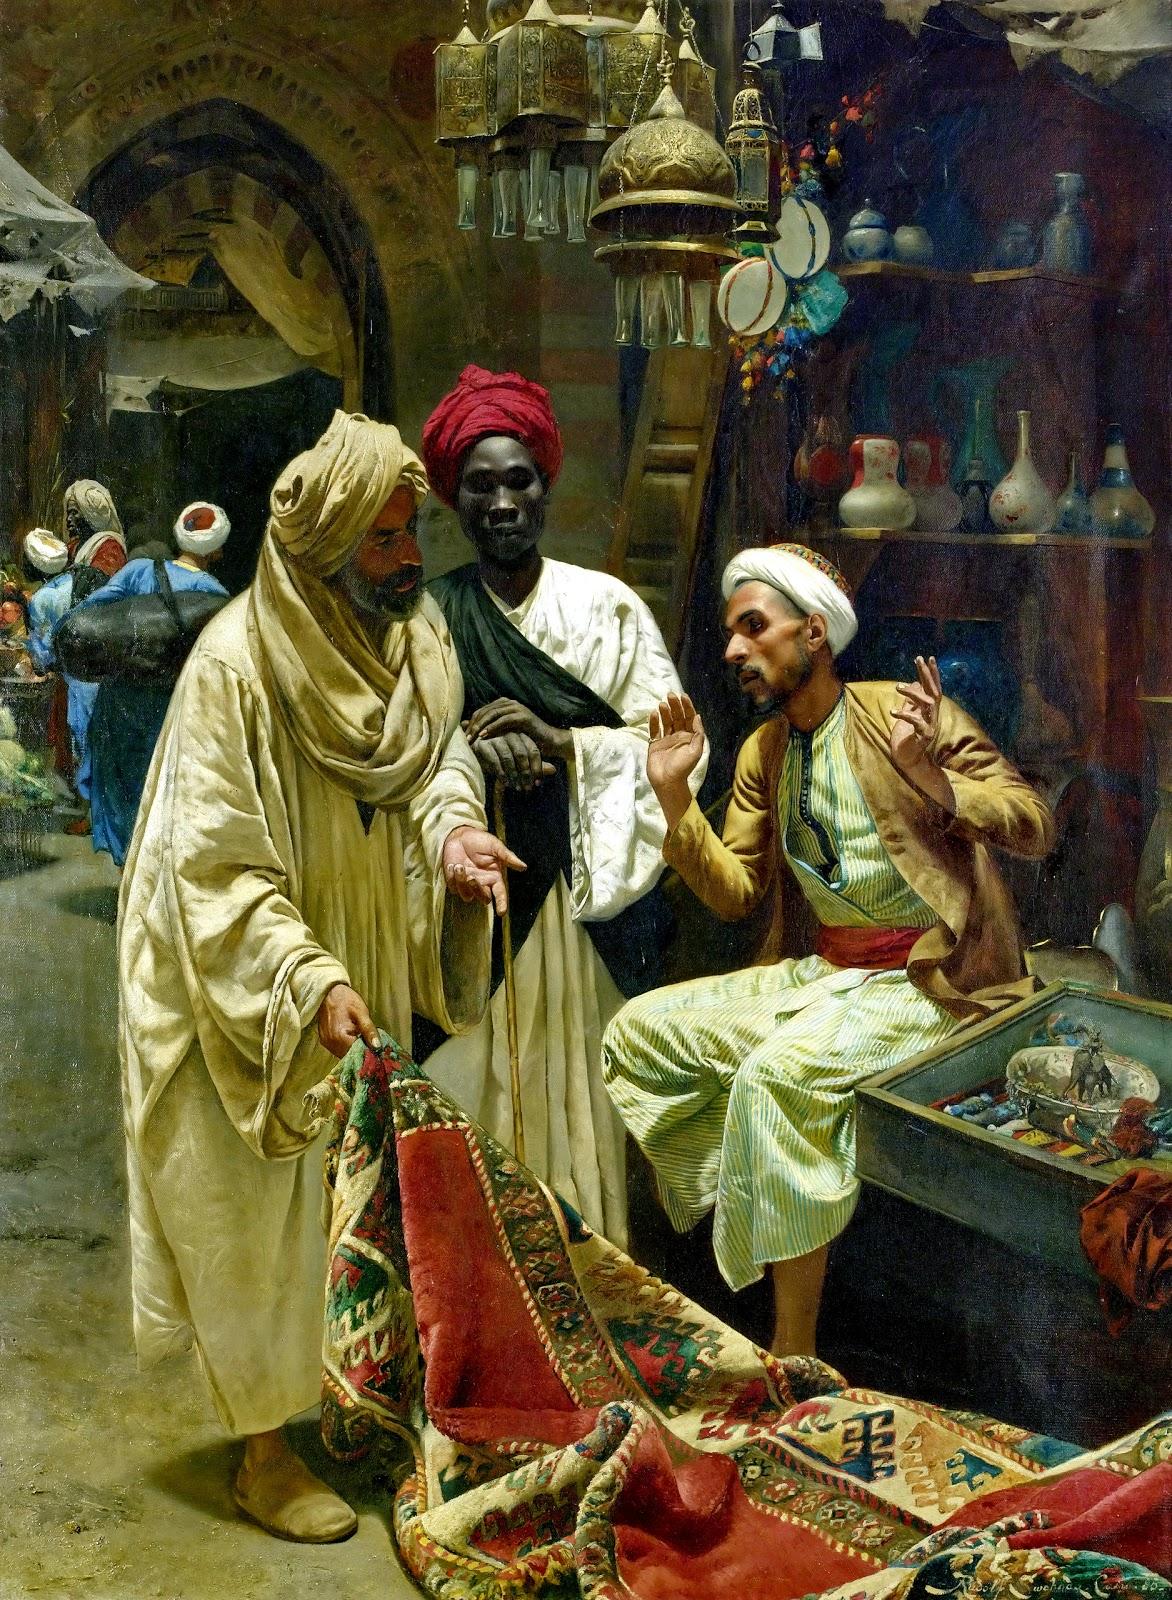 لوحات زيتية نادرة مصر بعيون وريشه رسامين اجانب